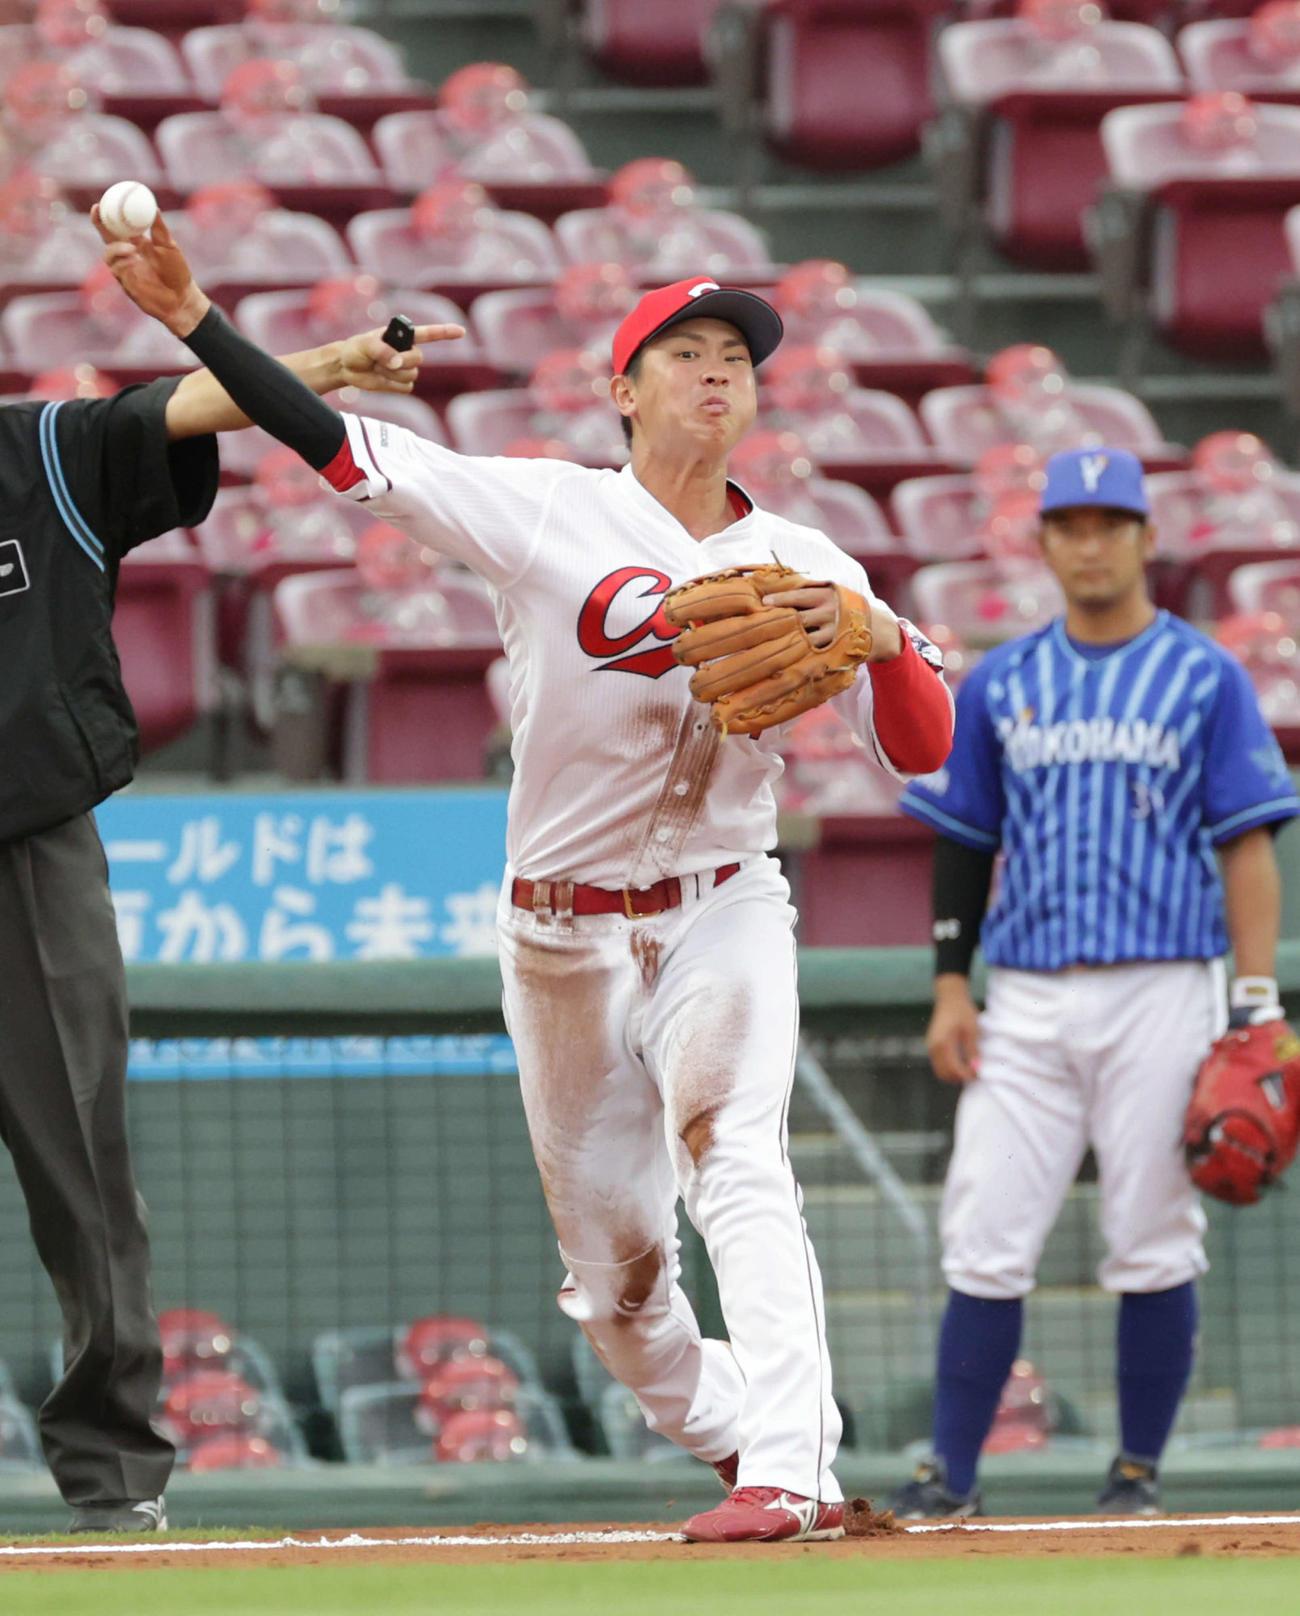 広島対DeNA5回戦 1回表DeNA2死一、三塁、宮崎の適時内野安打で堂林の送球が大きくそれる(撮影・加藤孝規)